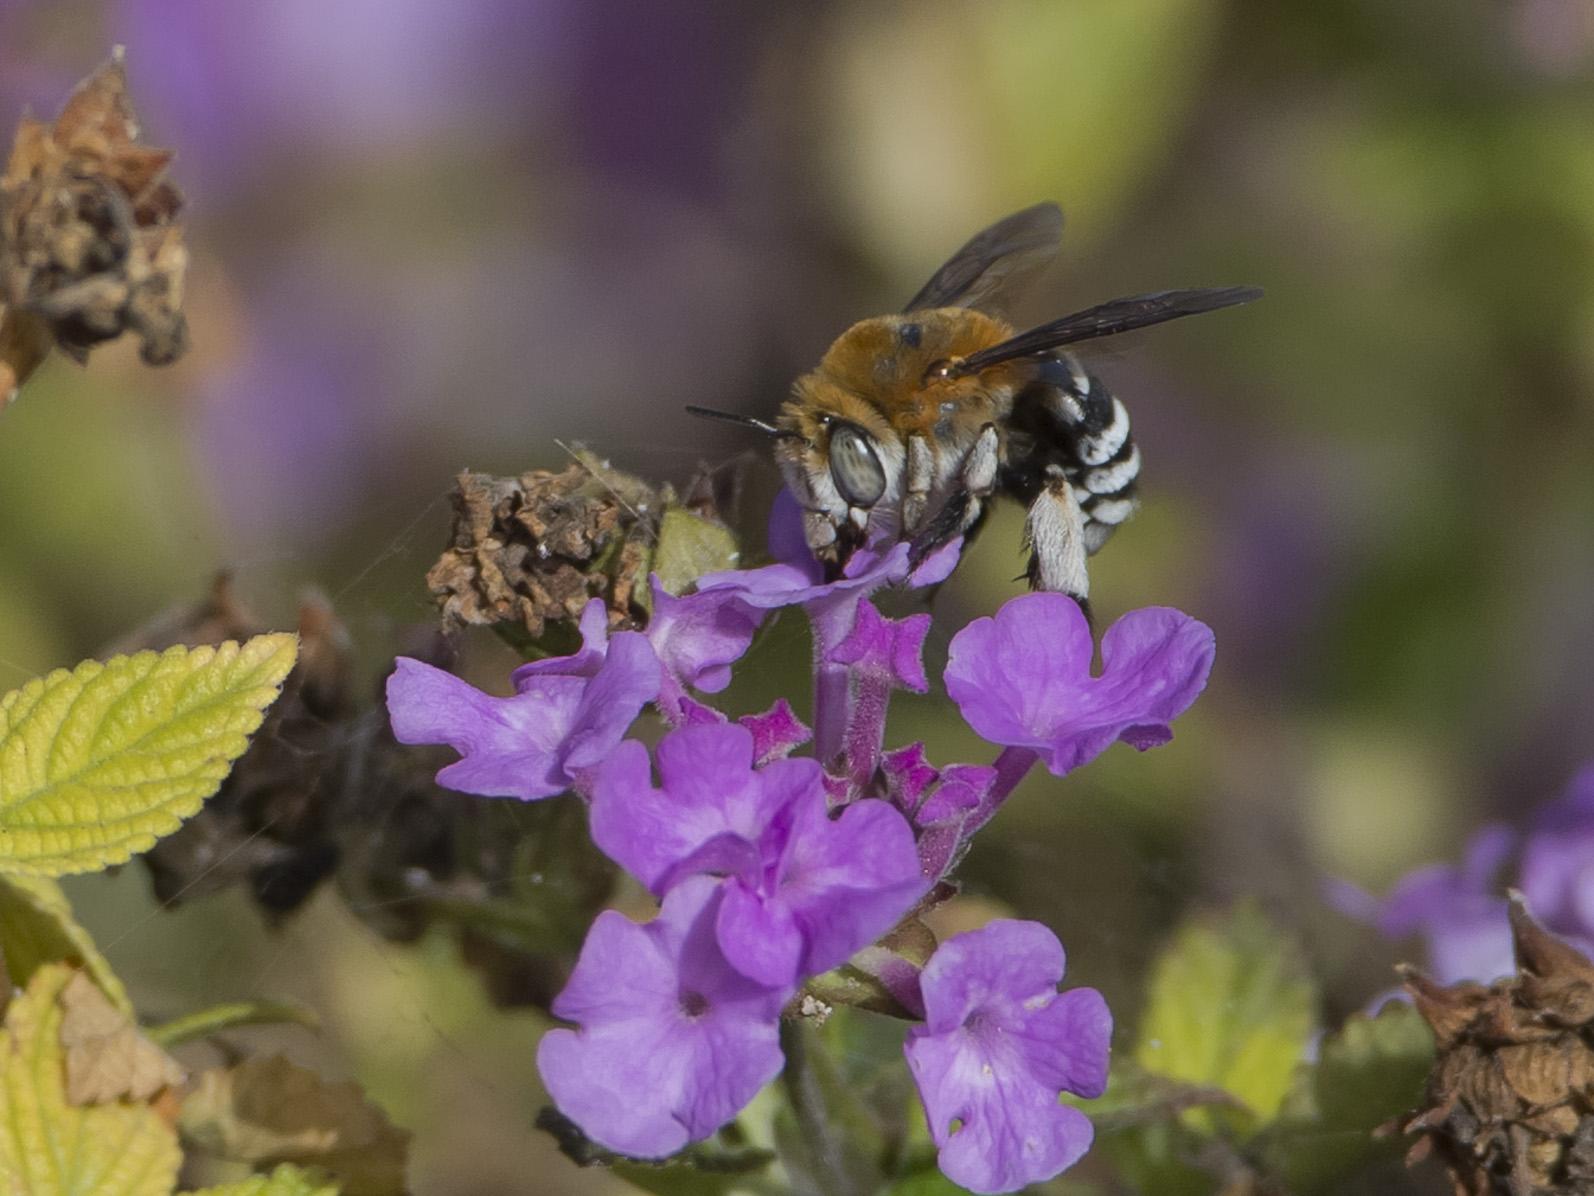 Auch exotisch wirkende Wildbienen sind am Nektar sammeln